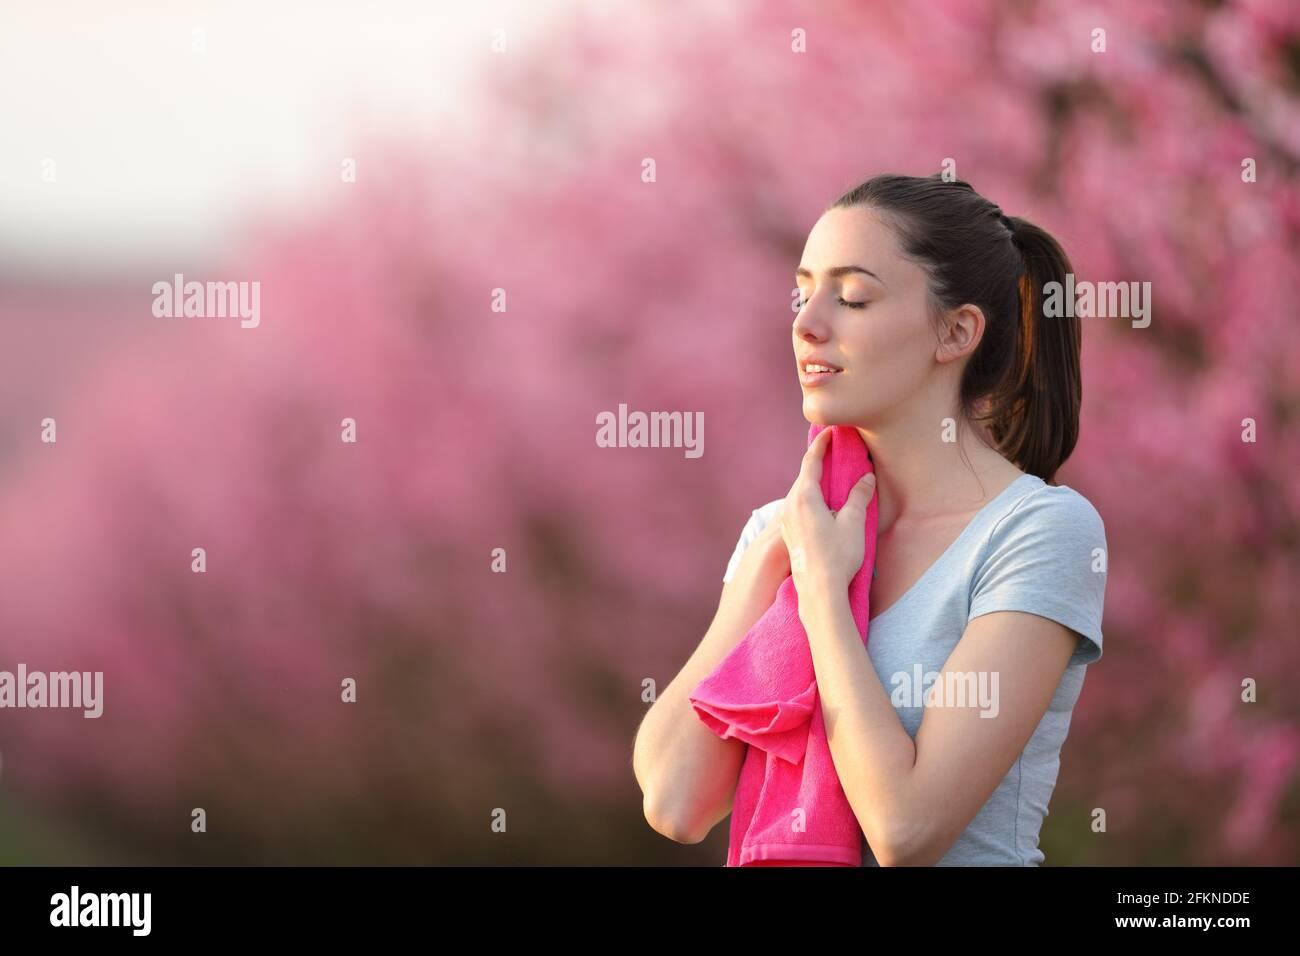 Le coureur épuisé sèche la sueur avec une serviette rose après la course dans un champ Banque D'Images